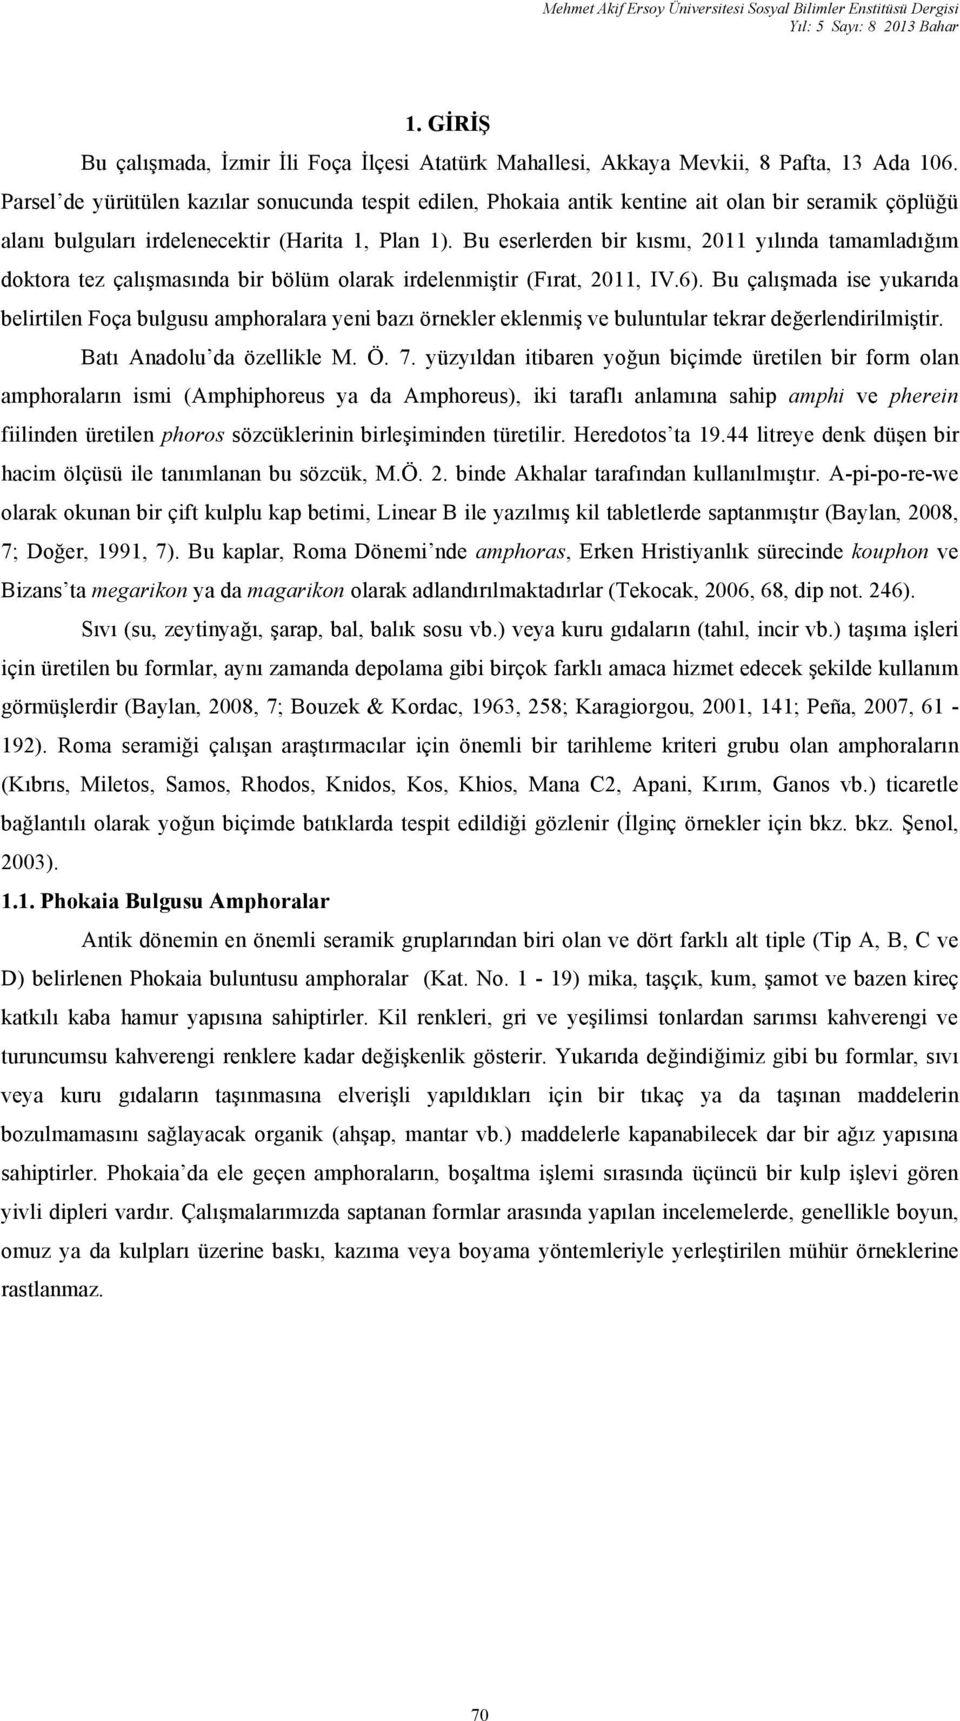 Phokaia Seramik Çöplüğü Alani Ndan Ele Geçen Amphoralar ... avec Amphore De Jardin